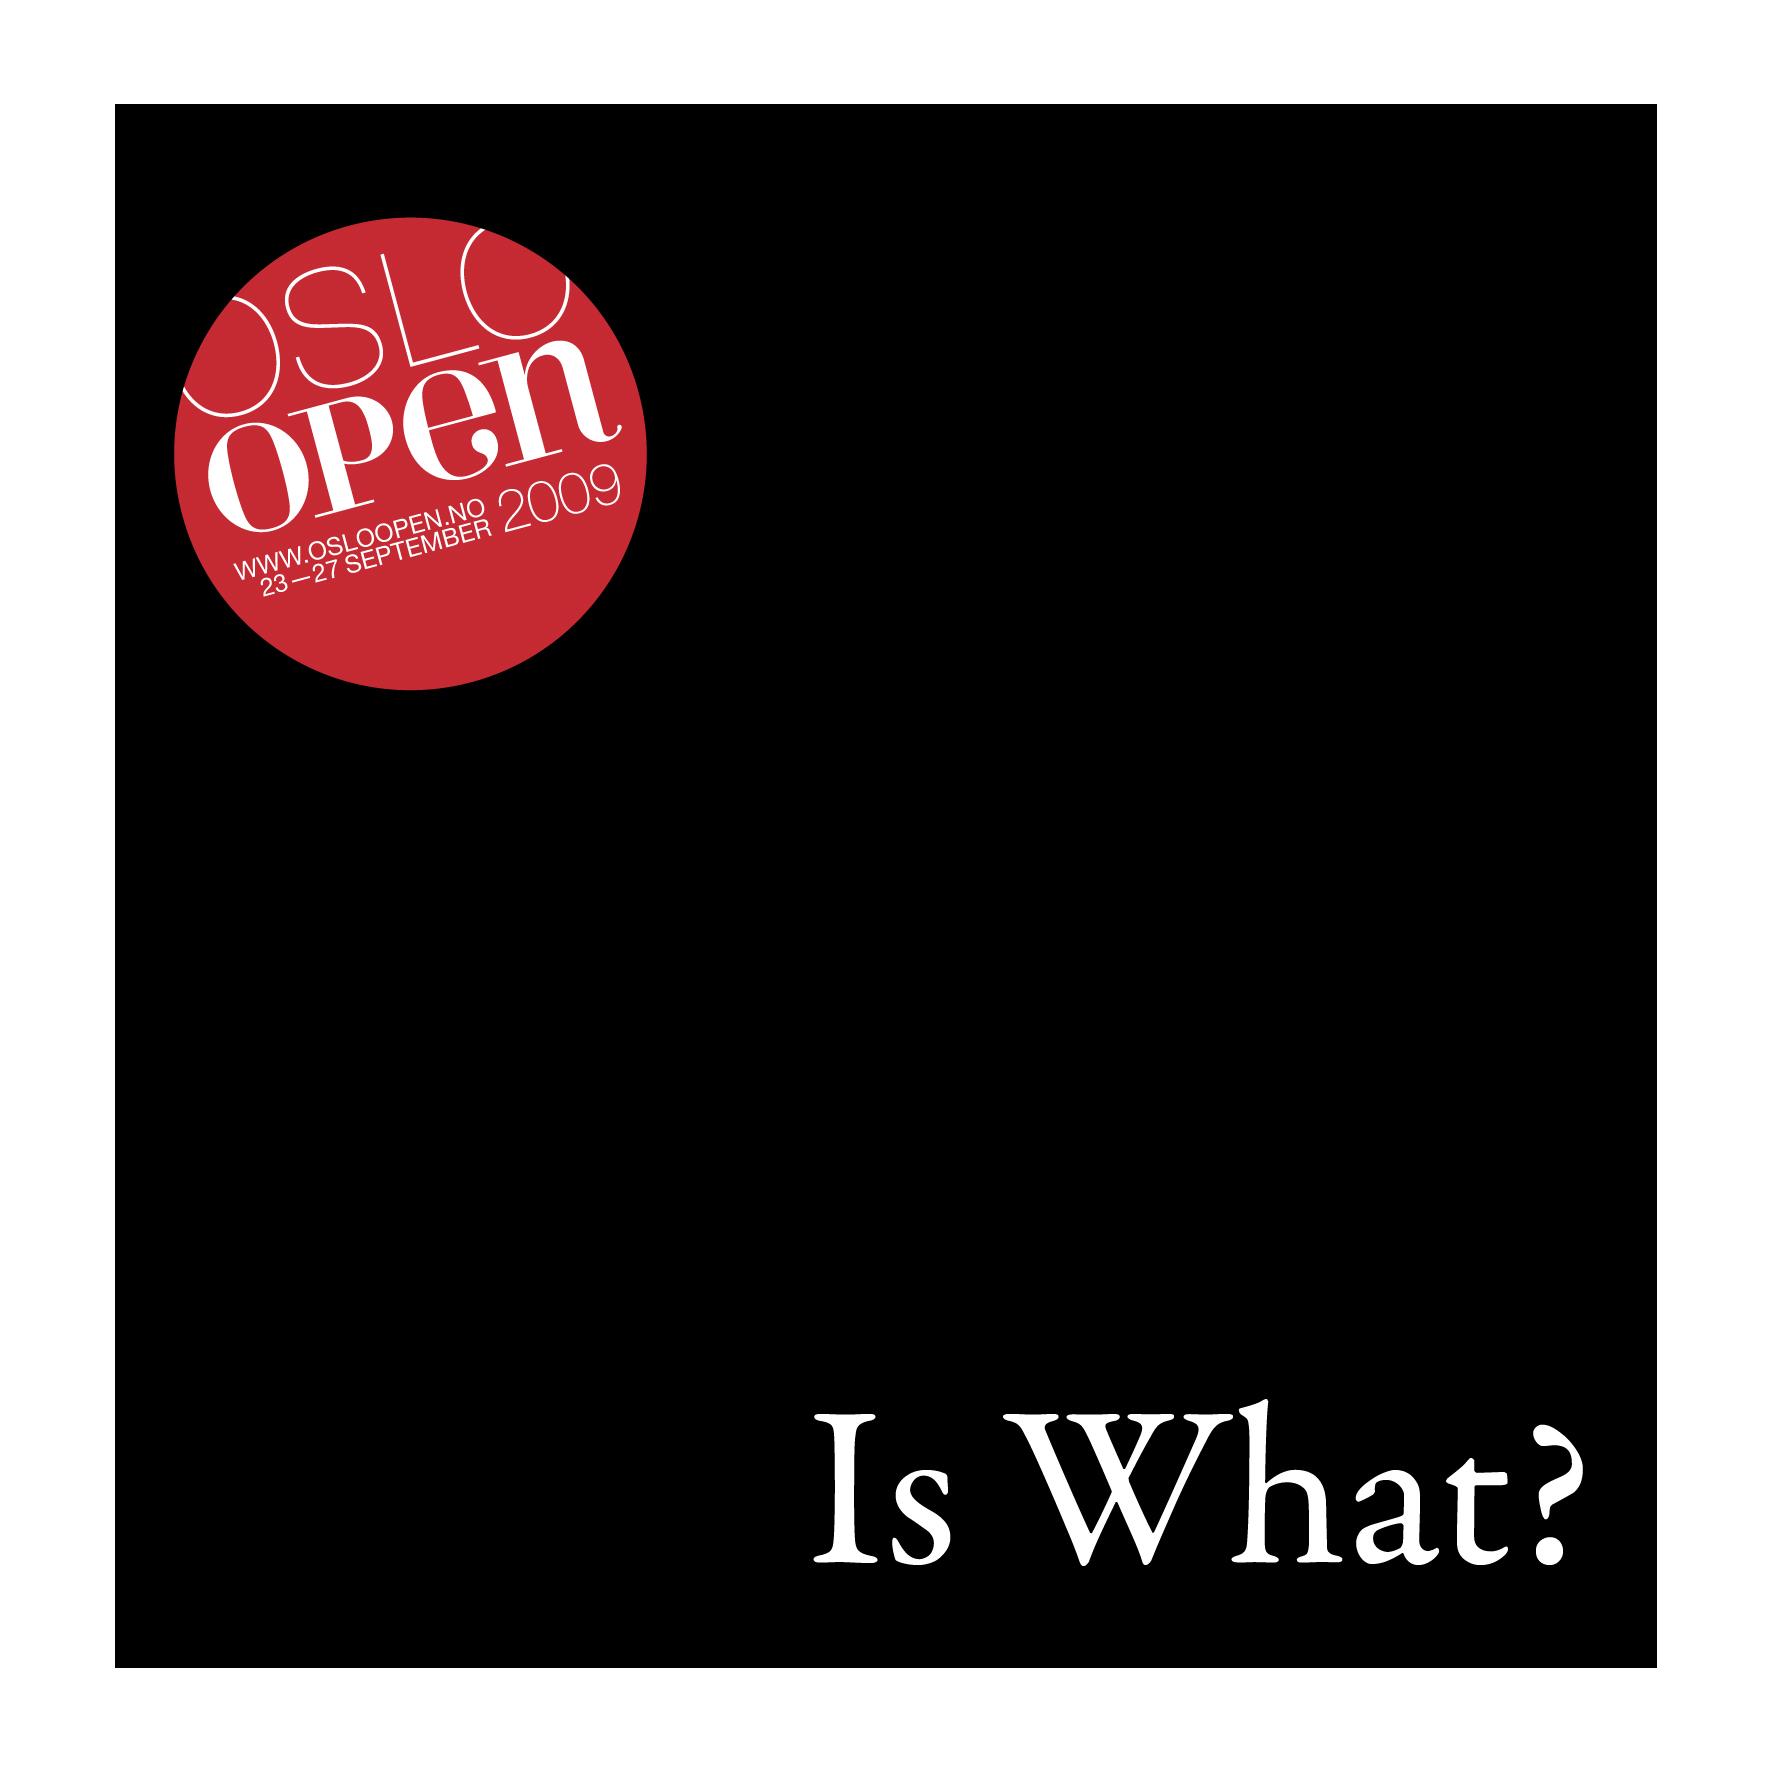 Vi presenter Oslo Open 2009